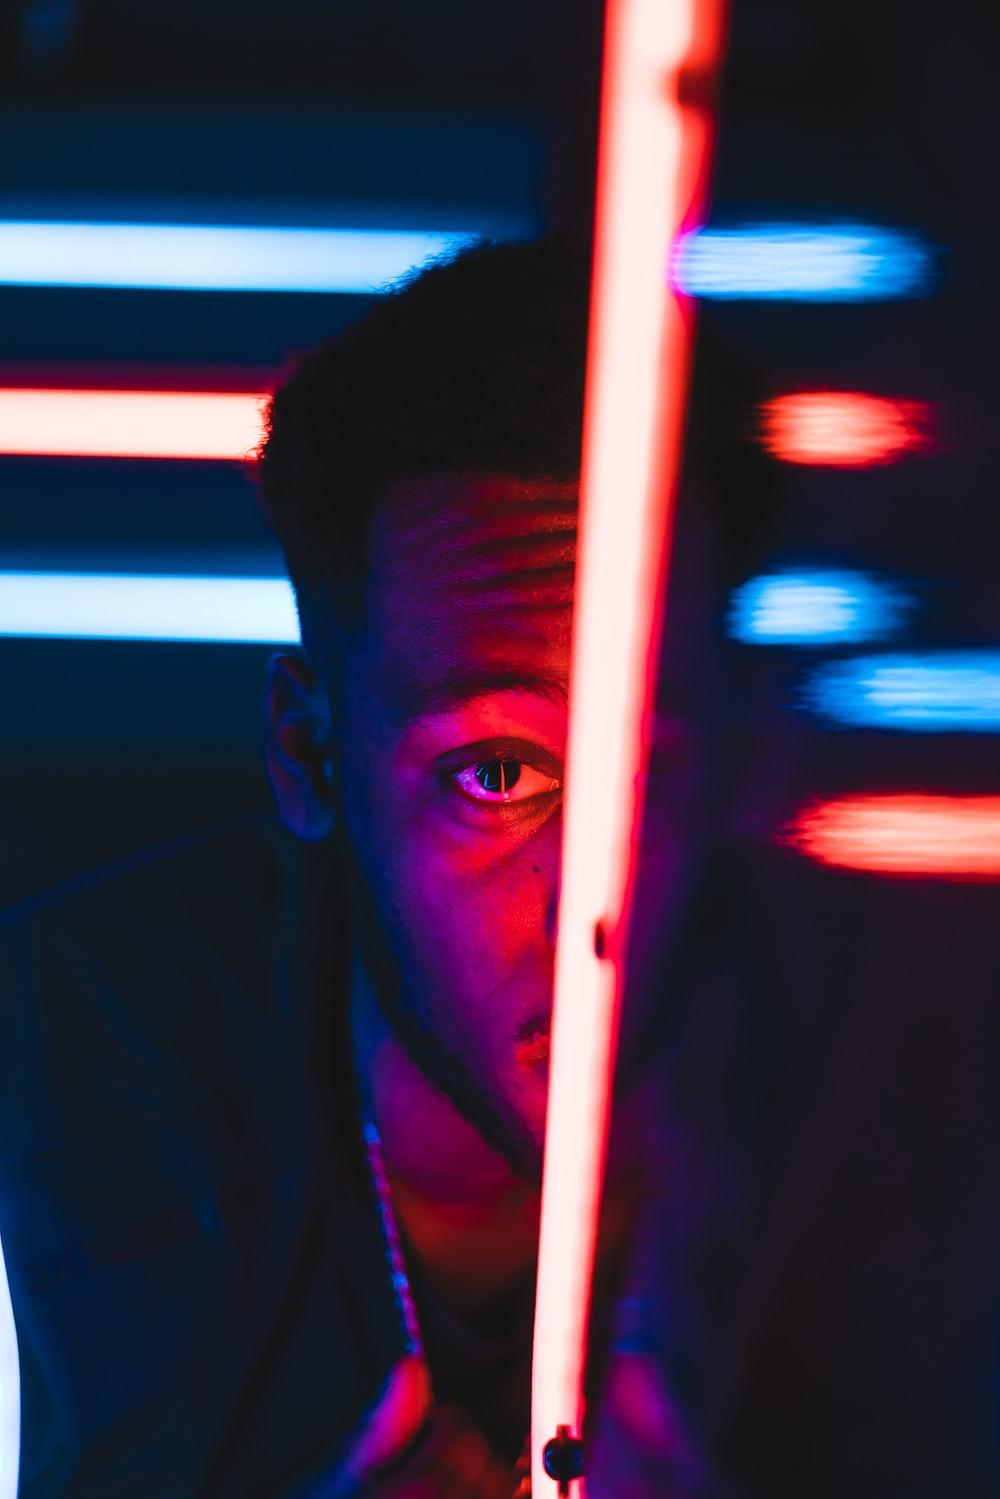 man peeping on red LED lamp